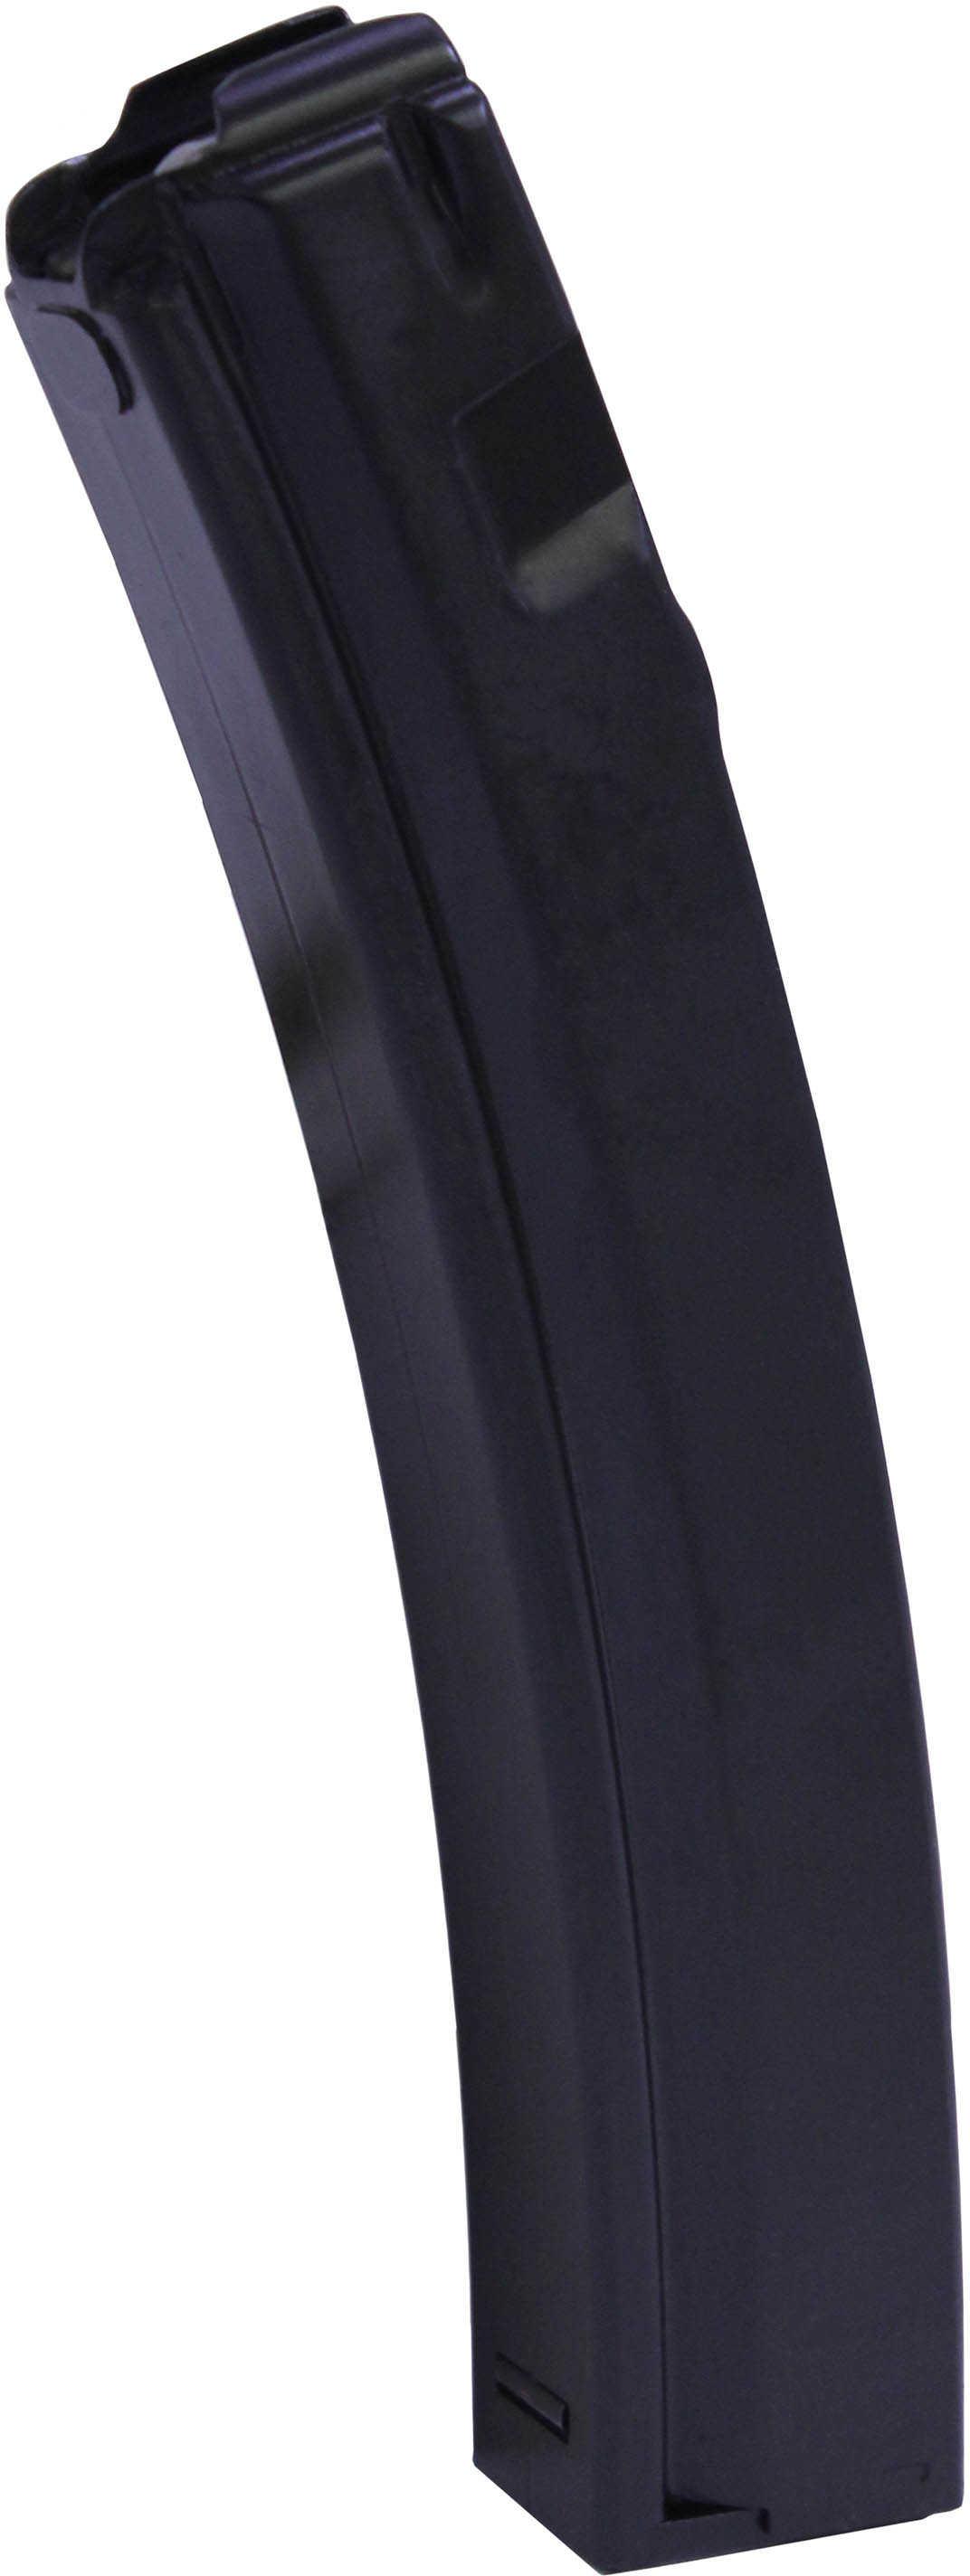 Heckler & Koch SP5K Magazine, 9mm, 30 Rounds Md: 206349S